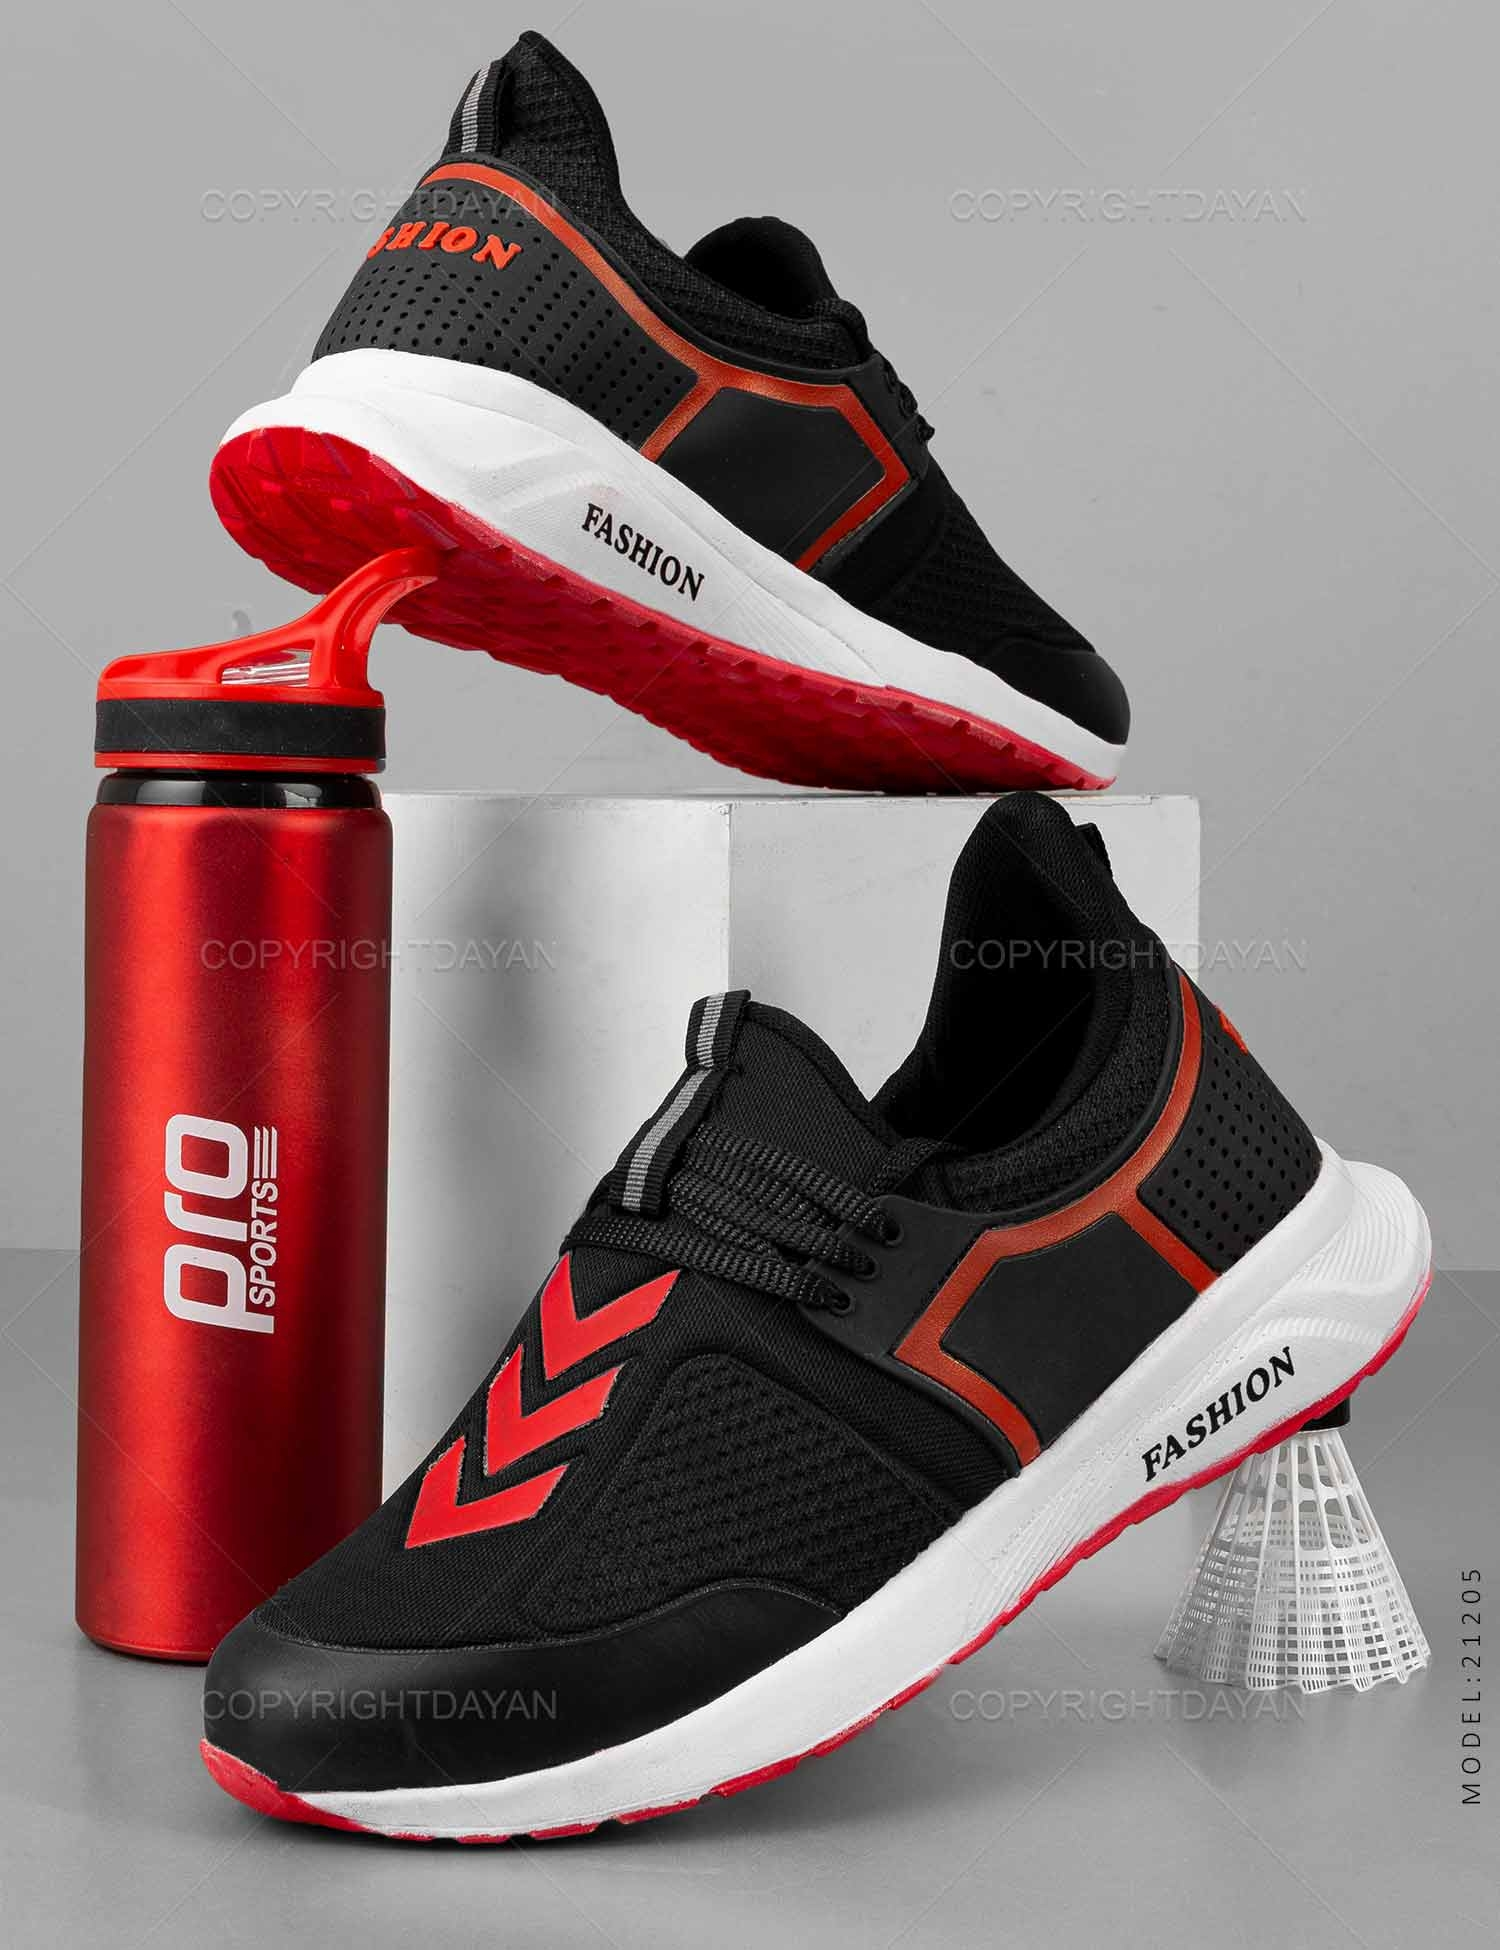 کفش ورزشی مردانه Fashion مدل 21205